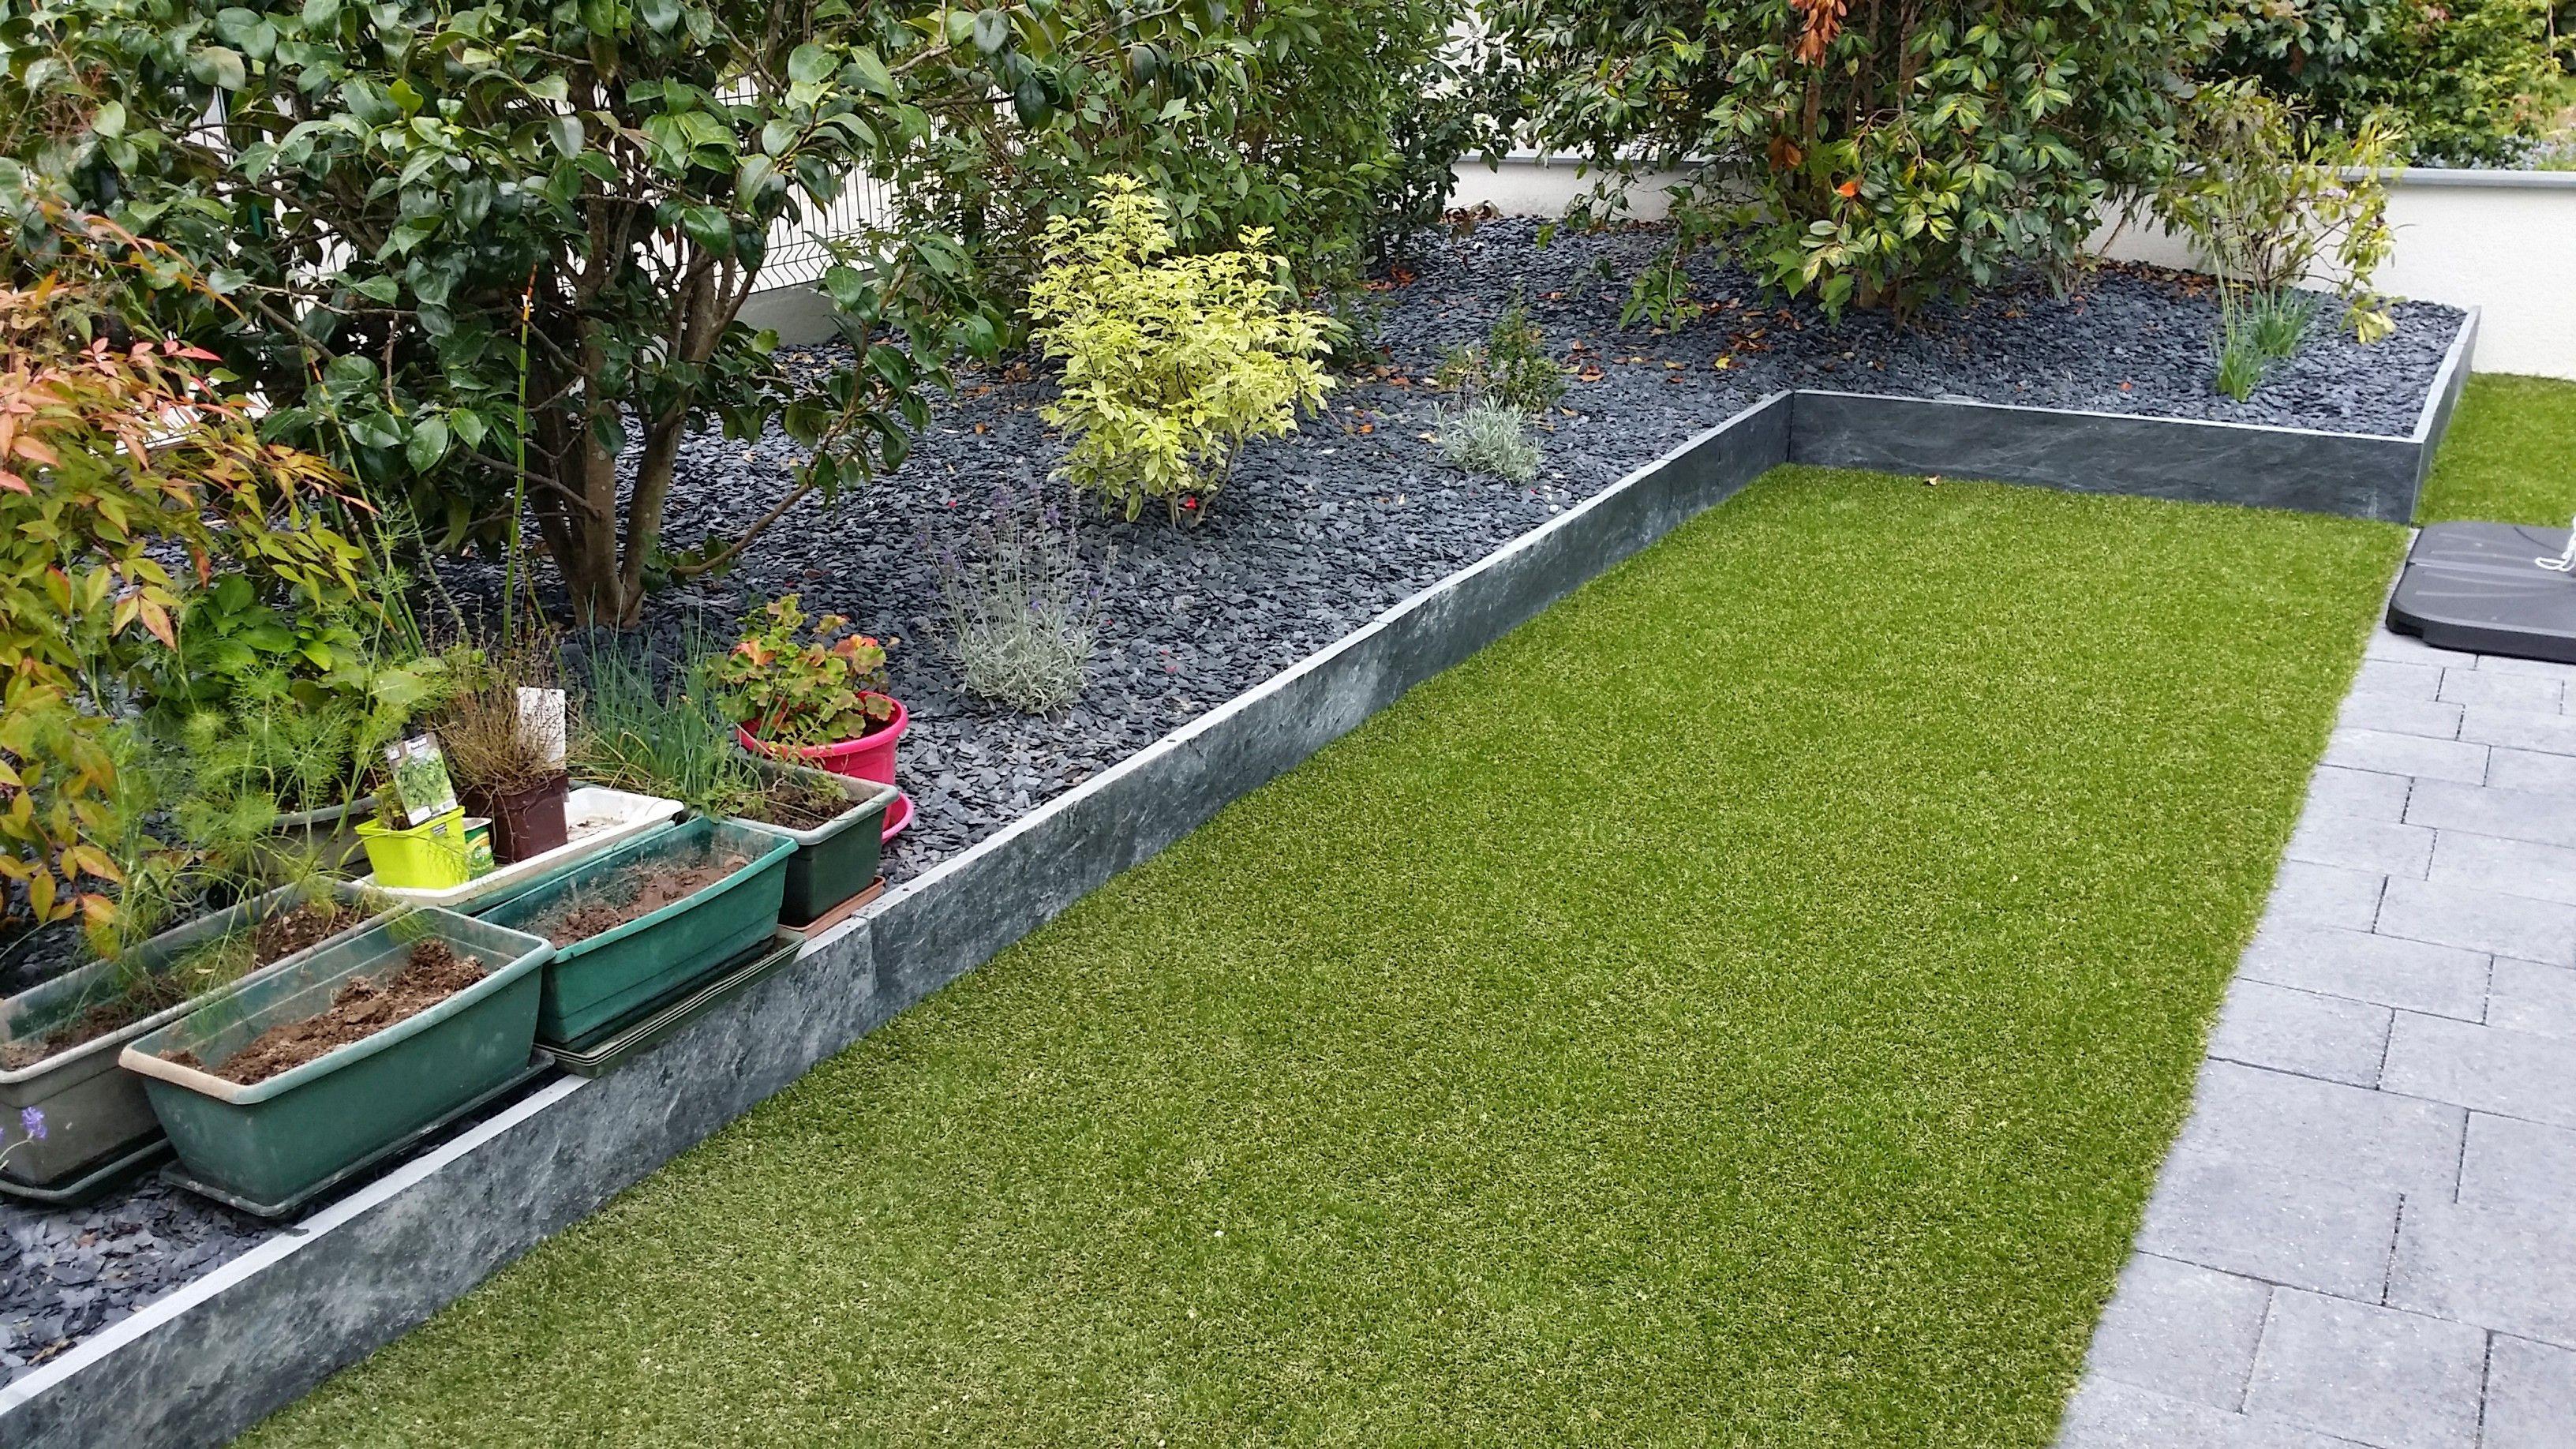 Epingle Par Bea Sur Exterieur Avec Images Jardin Recup Bordure Jardin Jardins